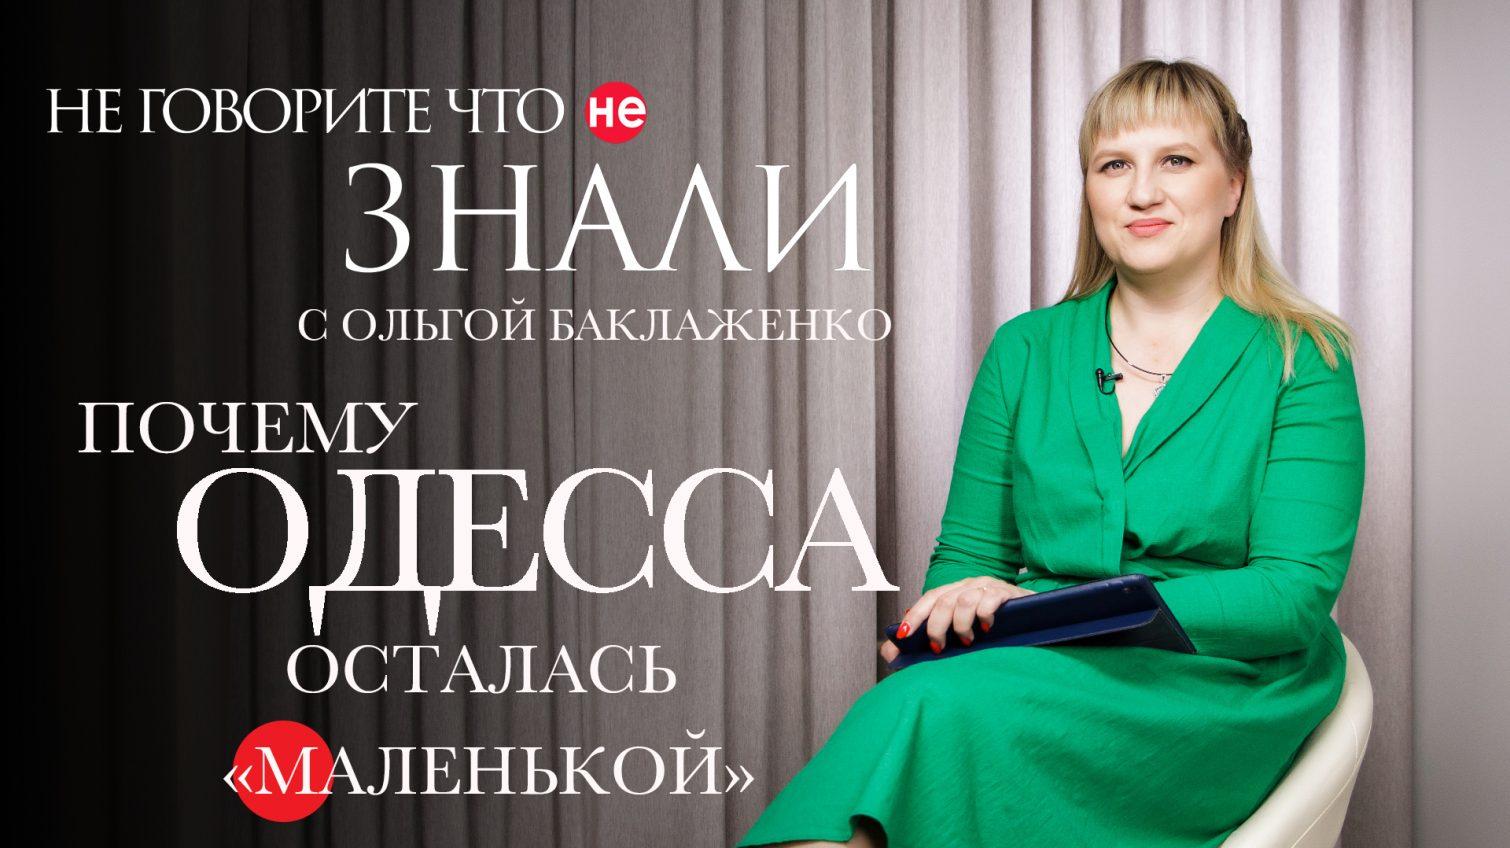 Провал децентрализации: почему Одесса осталась «маленькой» (влог) «фото»